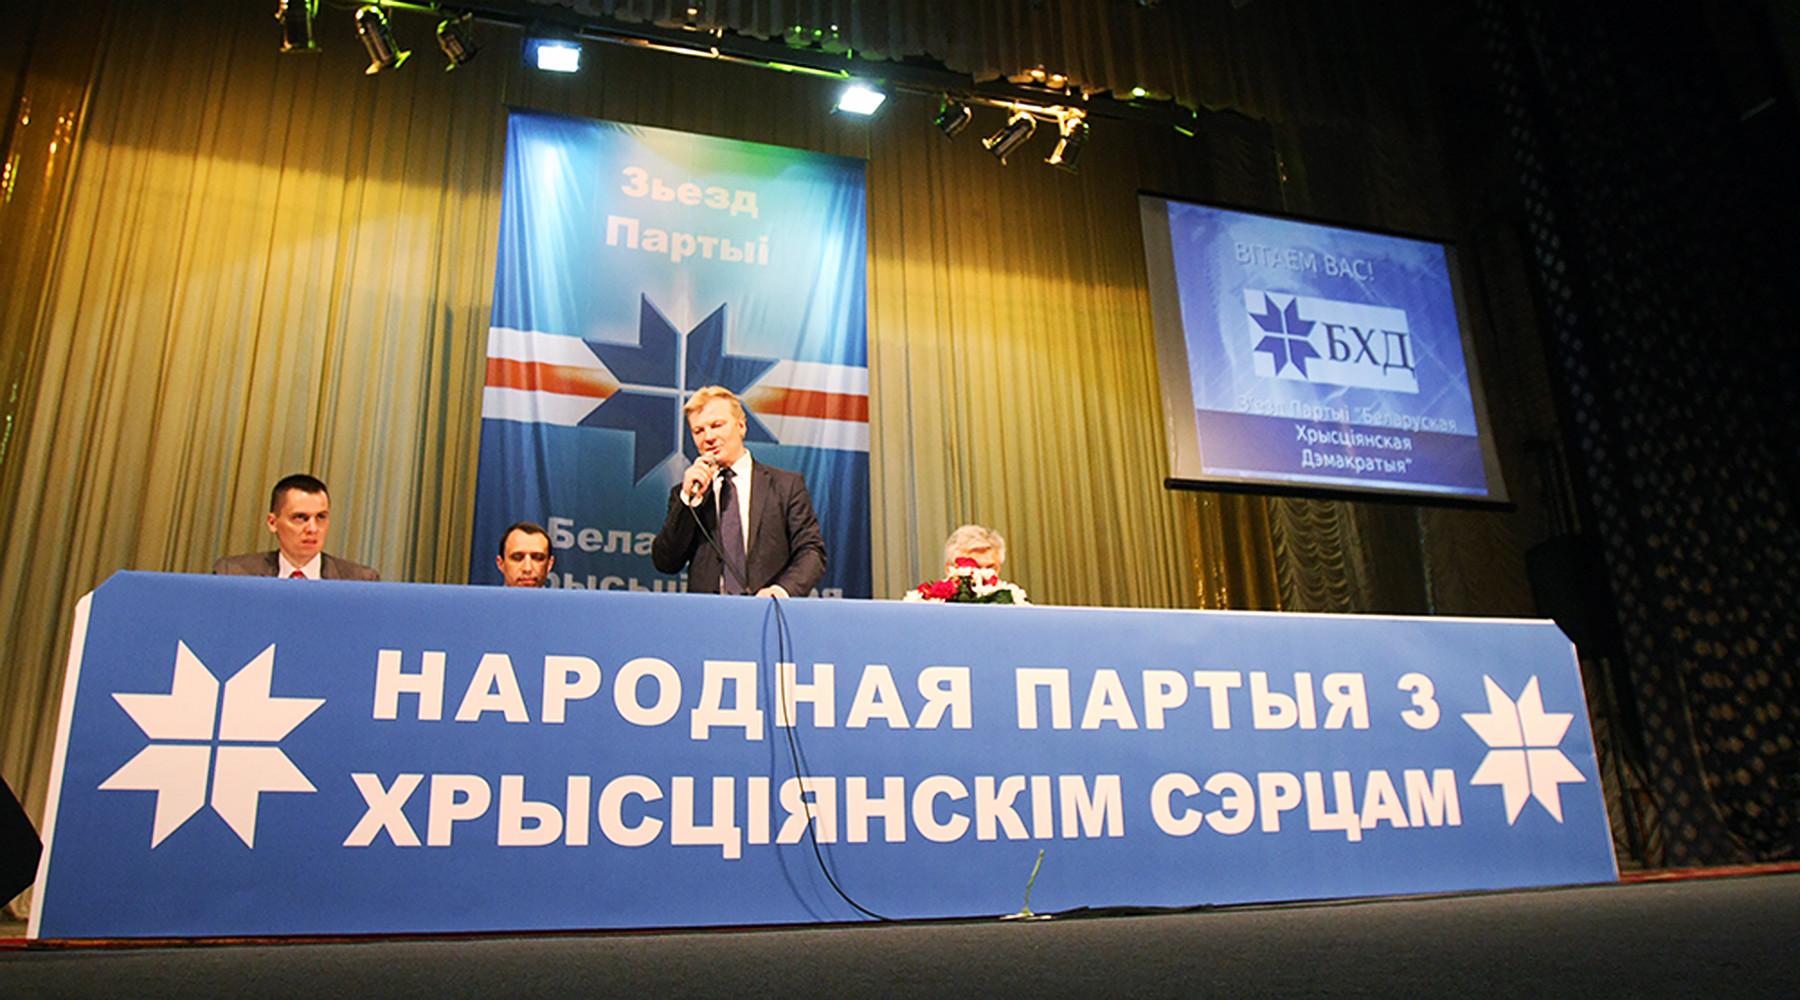 В Конгрессе подготовили желательные меры для Белоруссии для смягчения позиции США